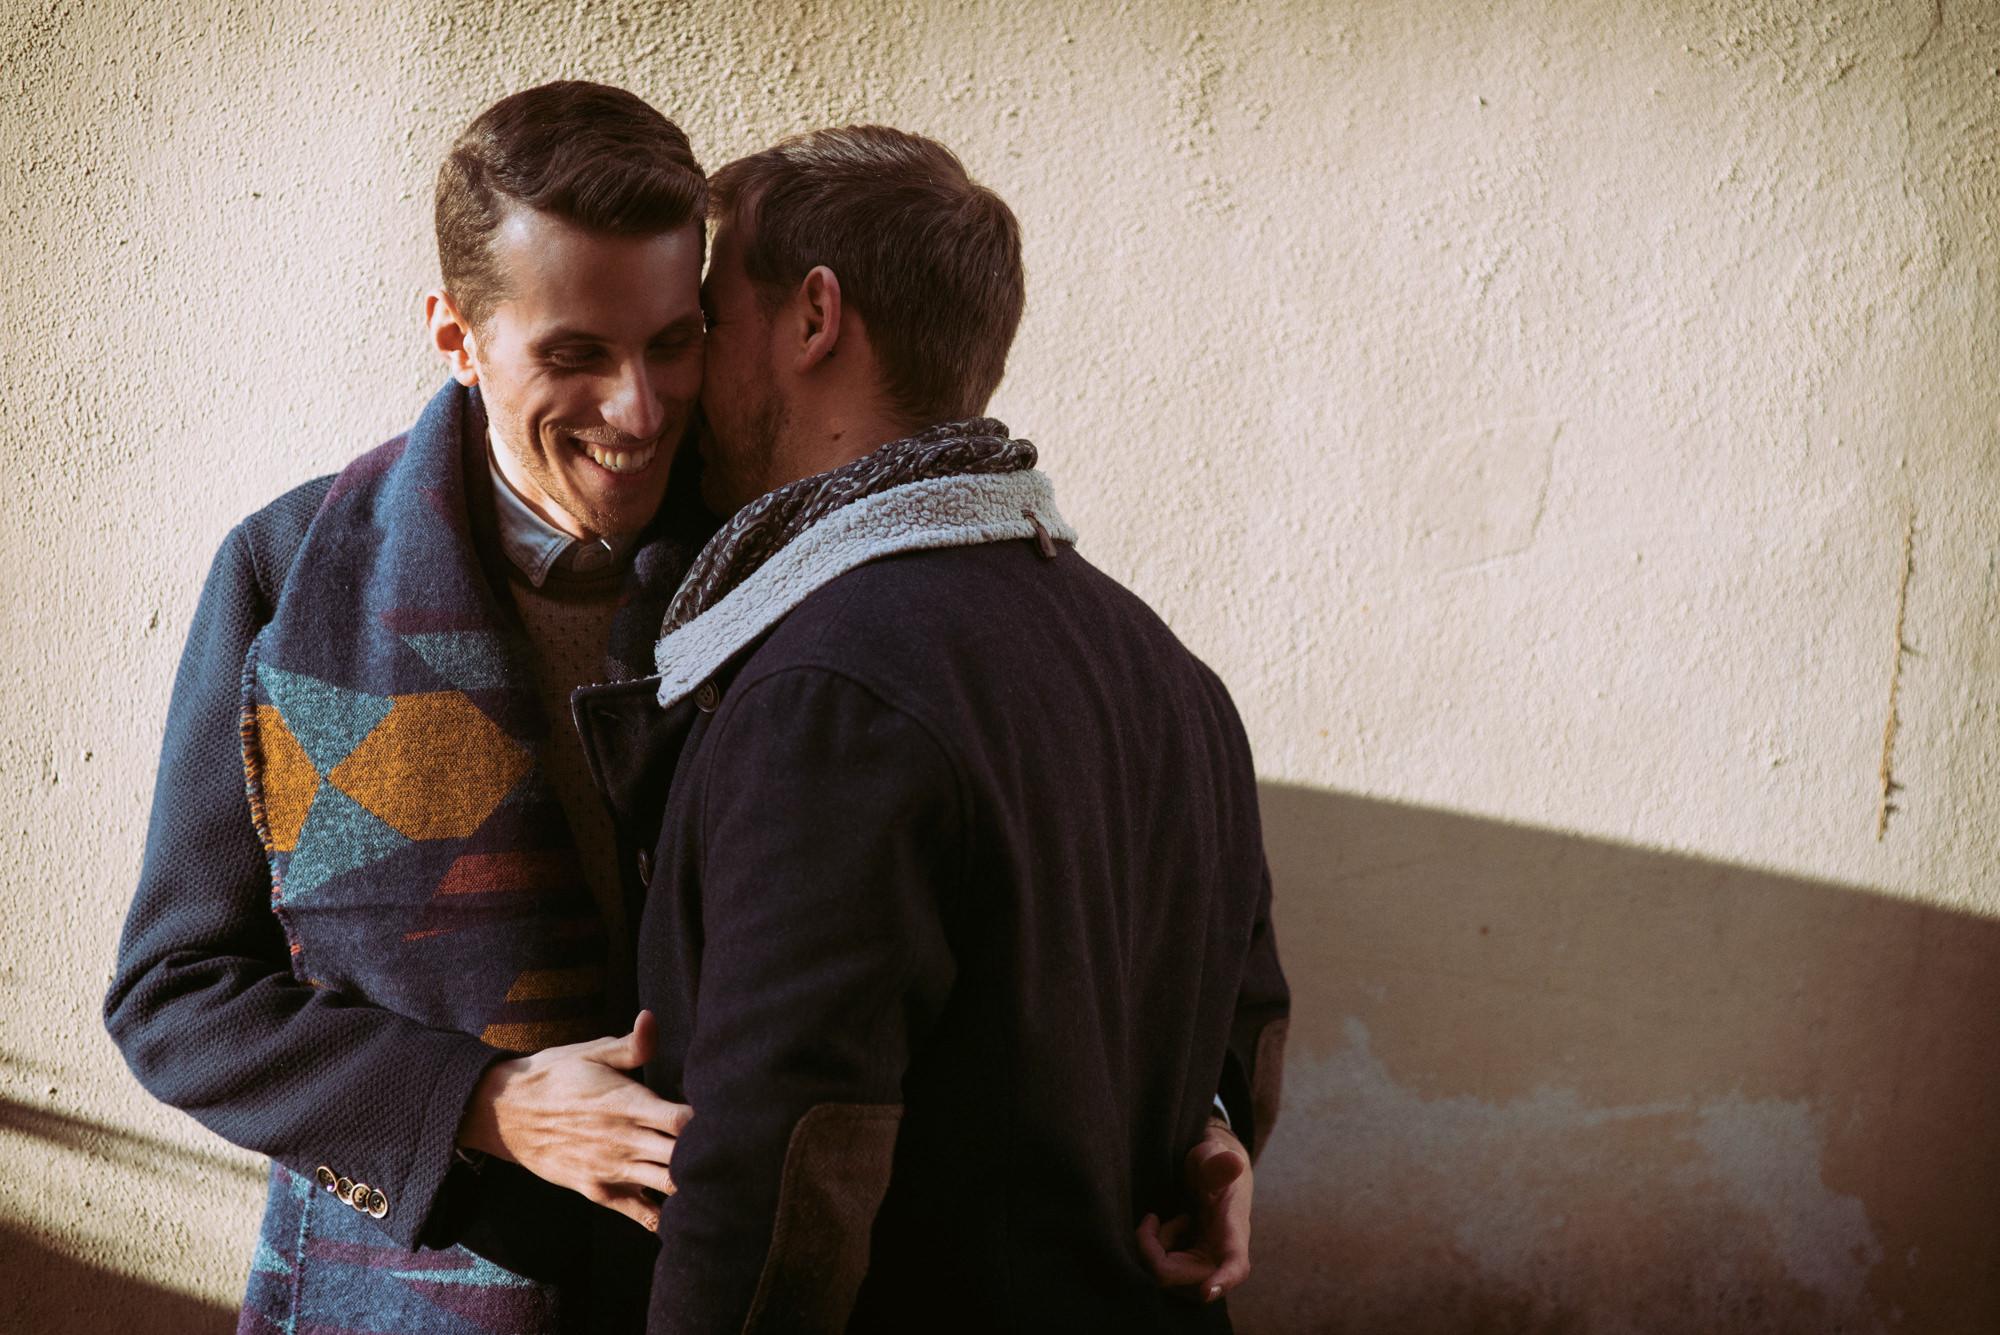 samesex couple photos italy 005 - Same-Sex Couple Photos Italy - Luca & Filippo